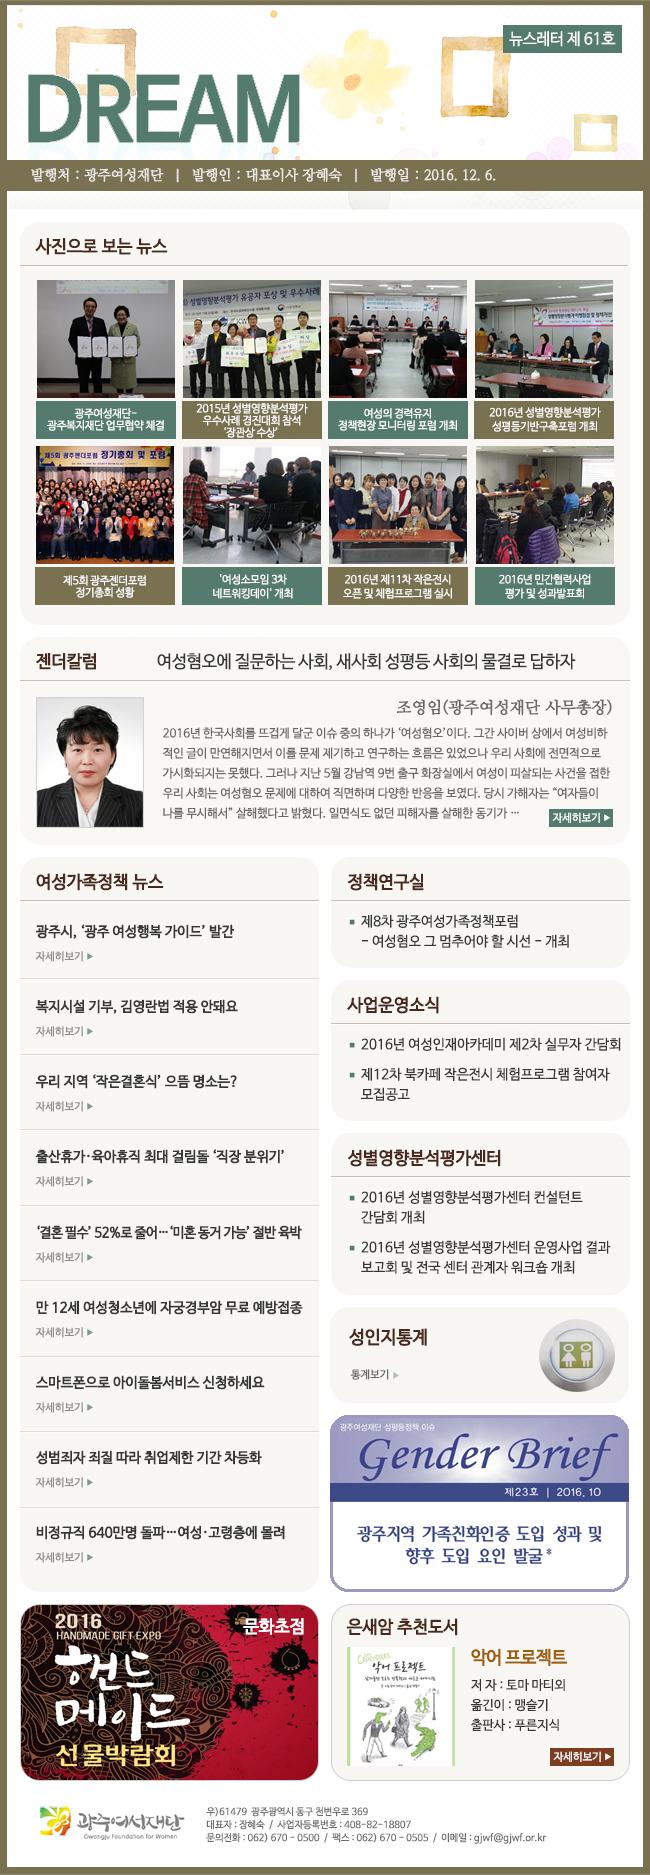 뉴스레터 드림 61호(16.12월) 썸네일